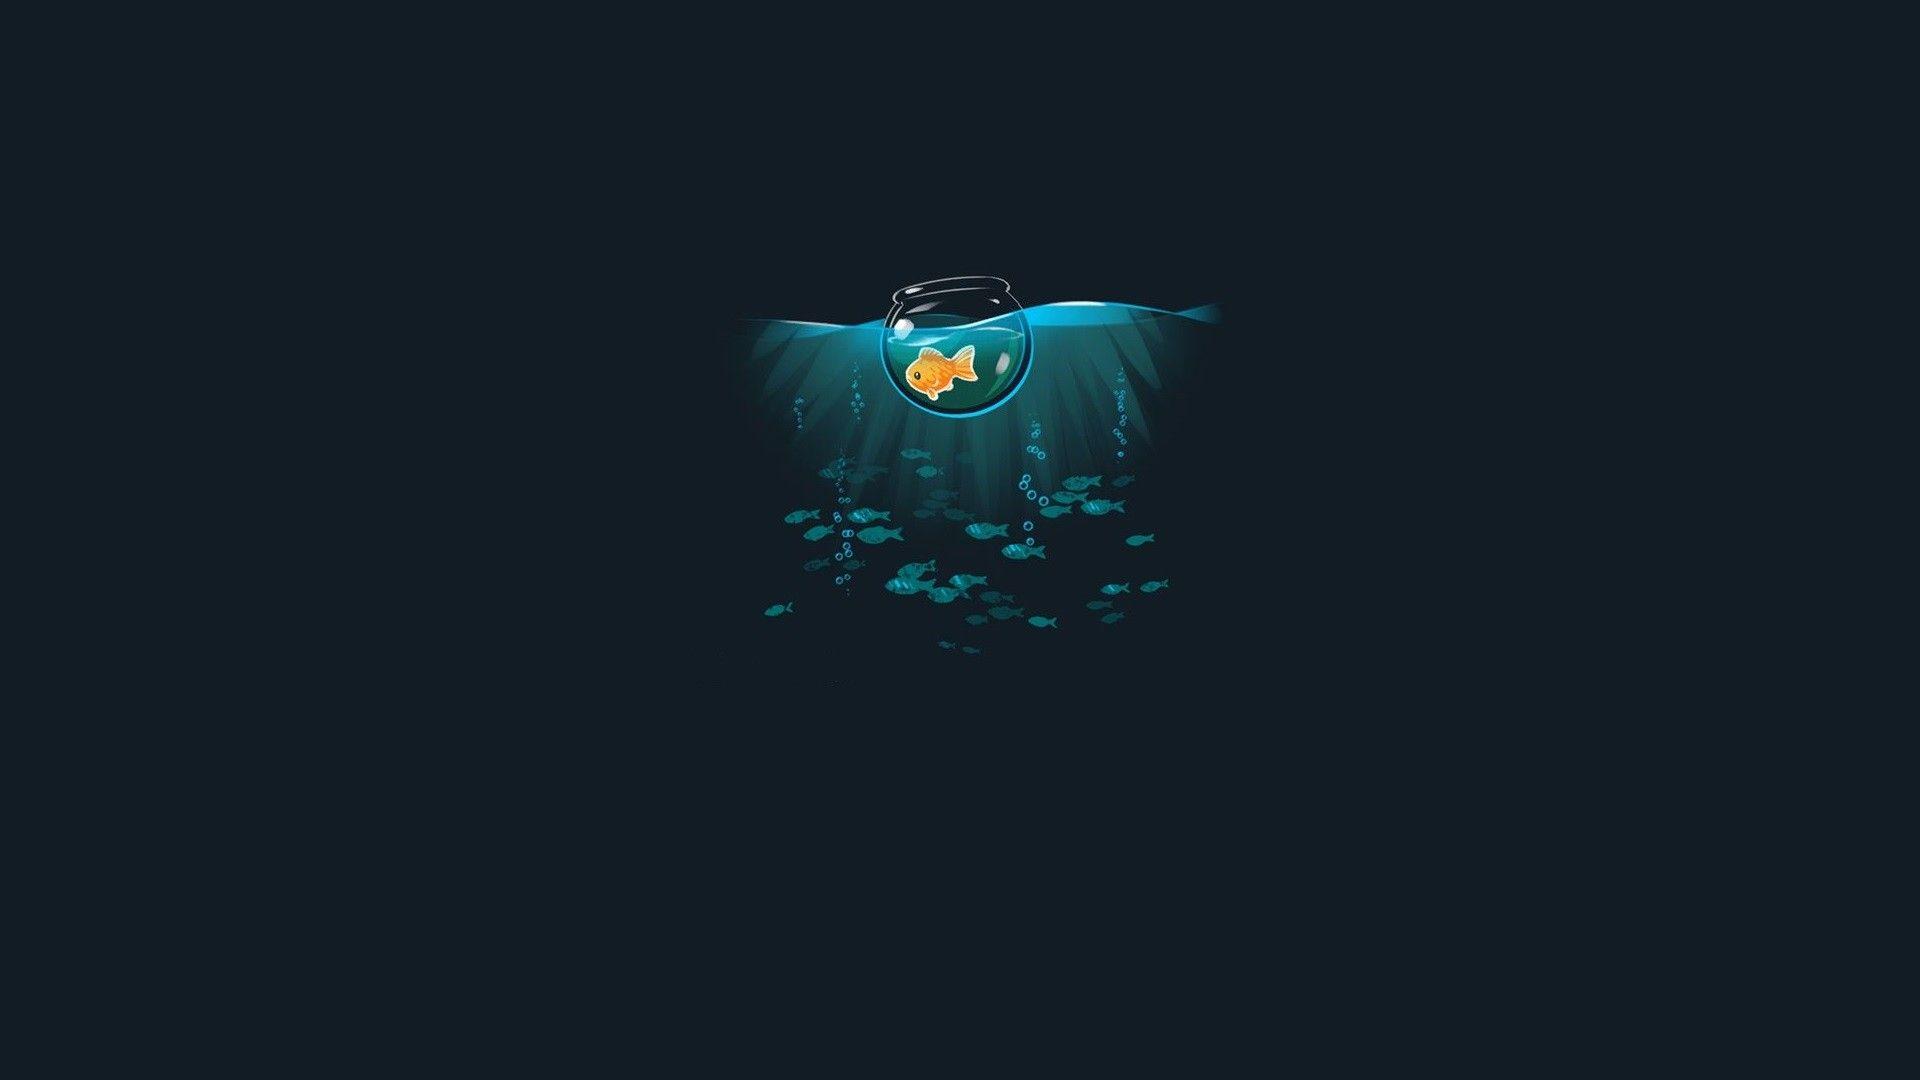 Goldfish Papel de parede do telefone, Ilustração de